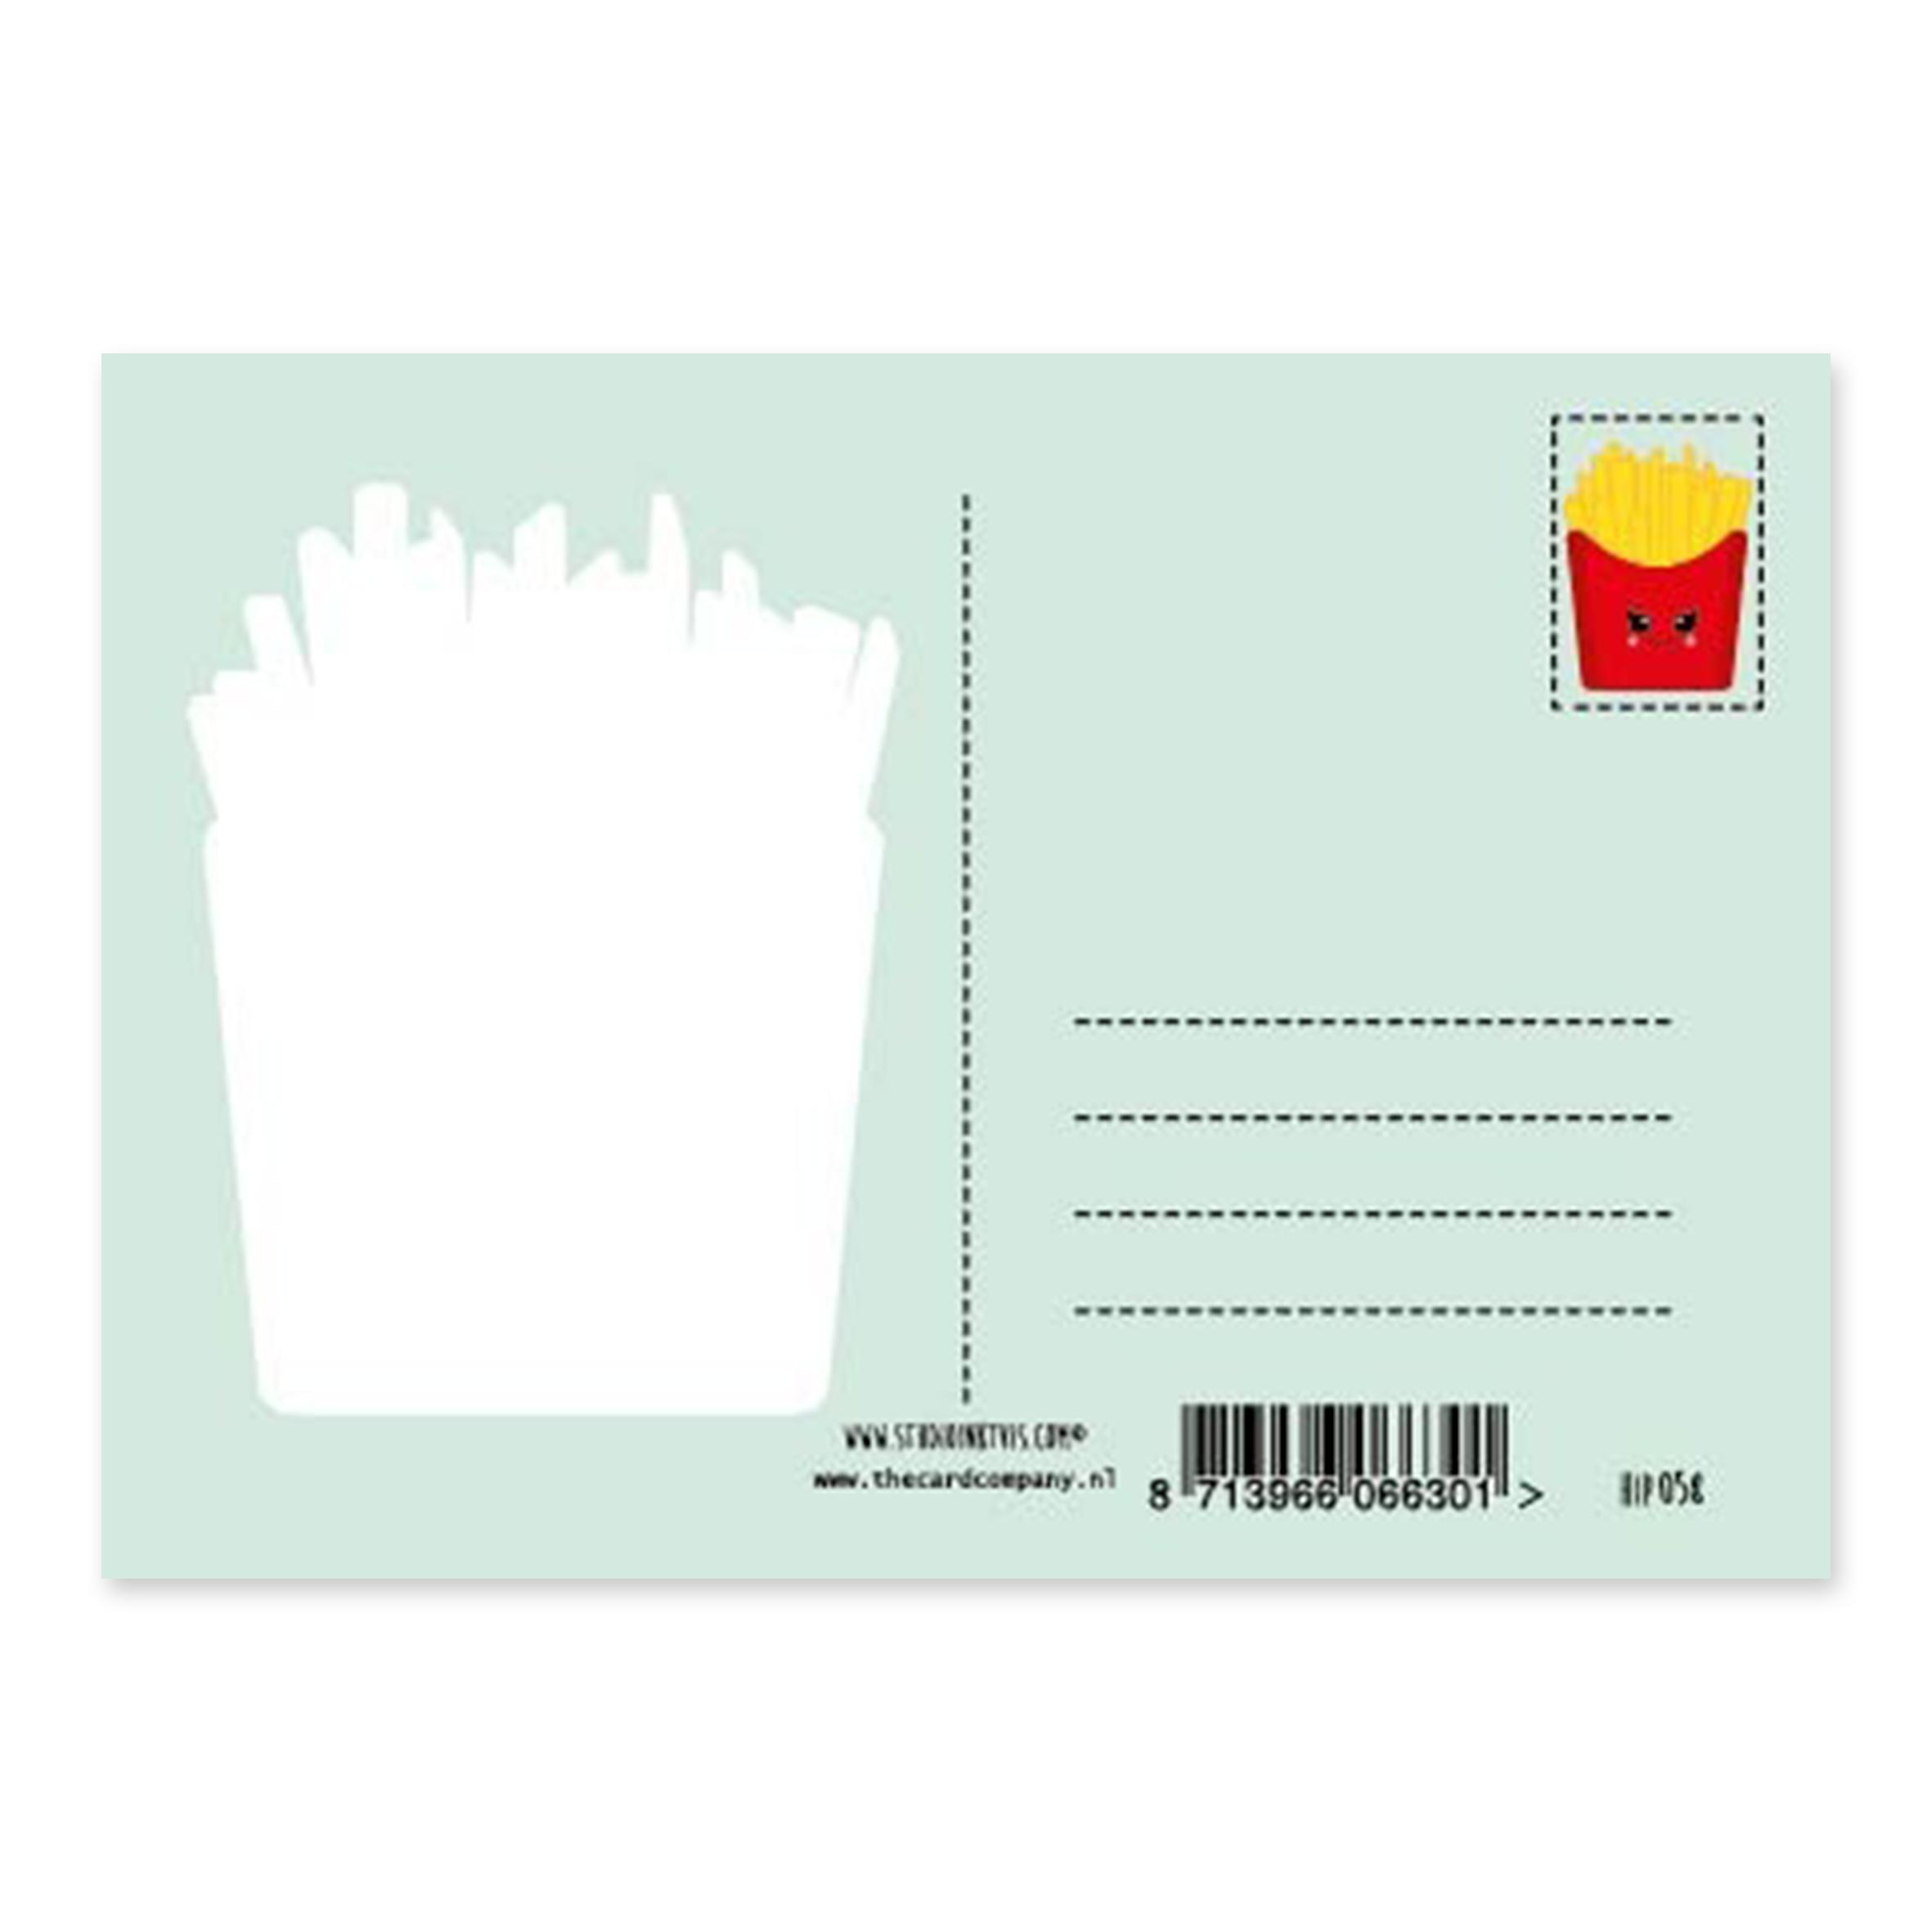 studioinktvis-kaart-friesbeforeguys-achterkant